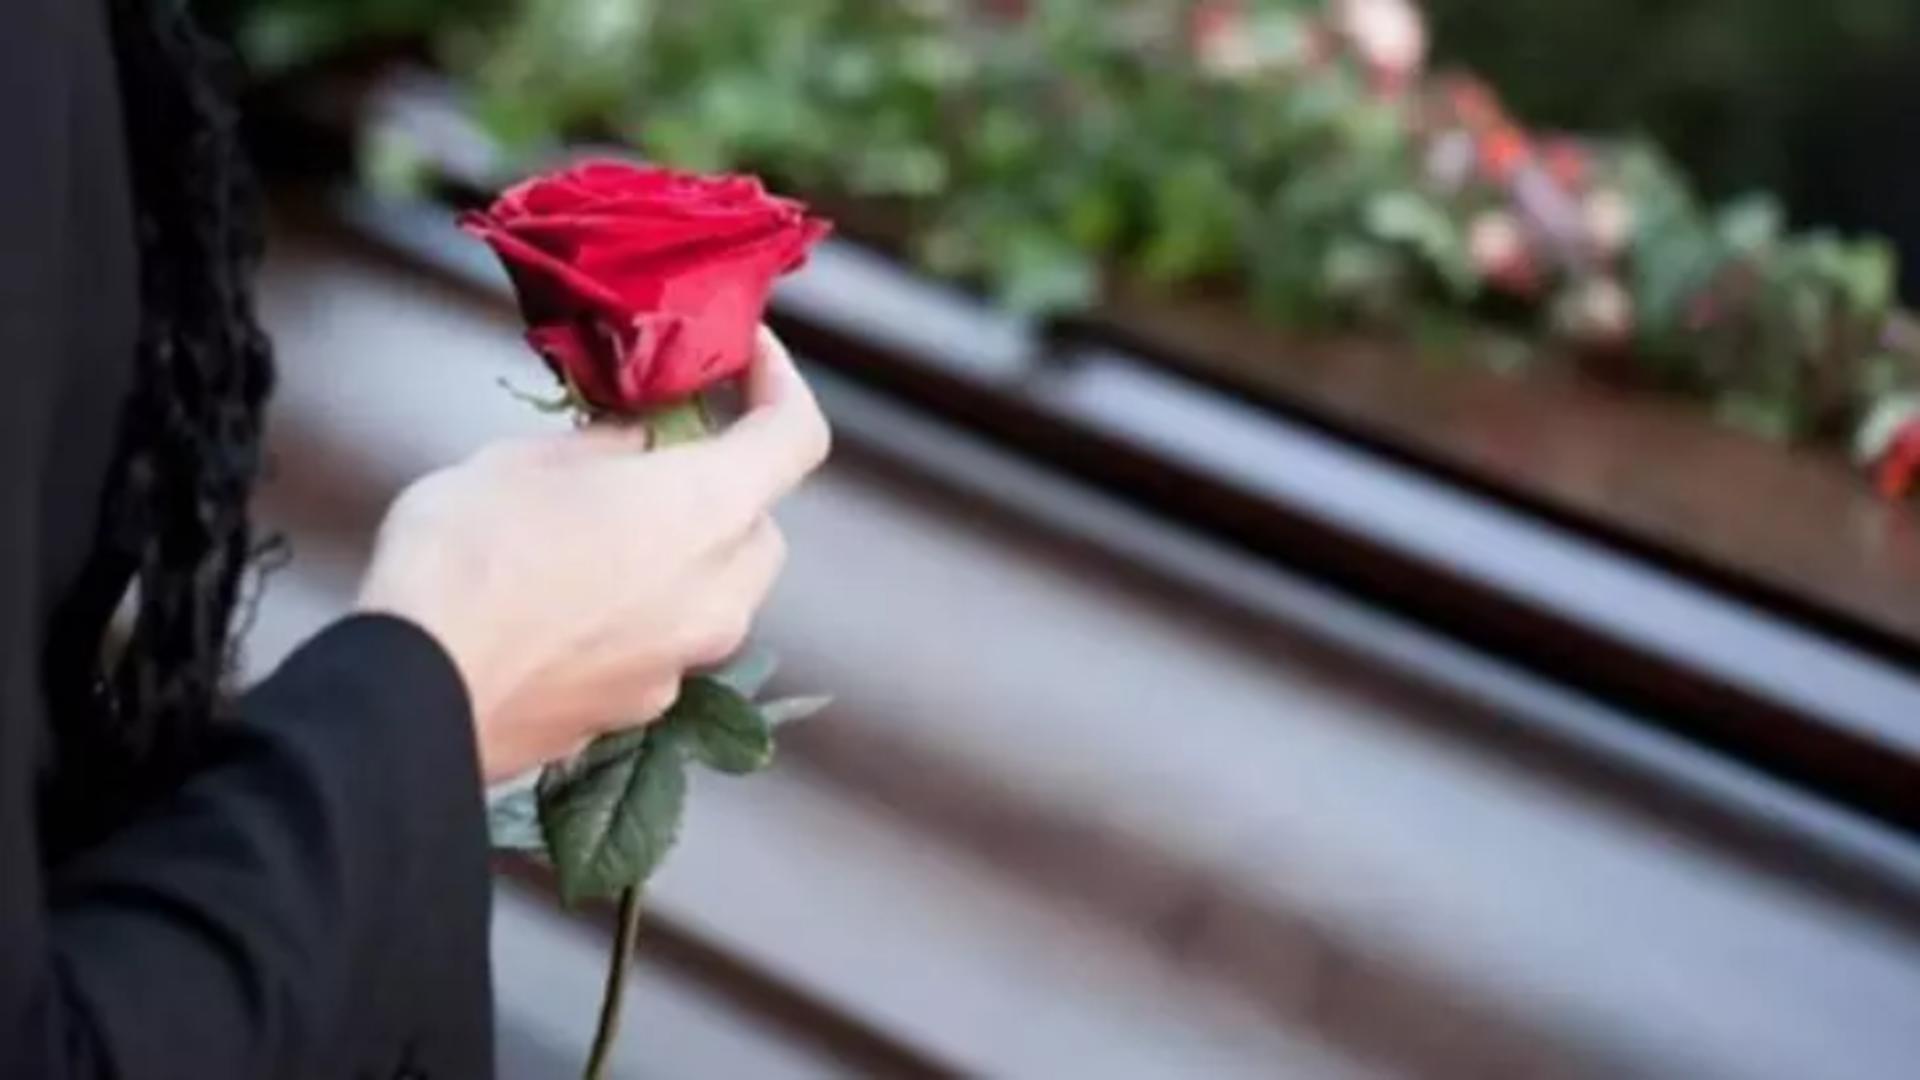 Angajații din sistemul de servicii funerare amenință cu proteste din cauza noilor reguli COVID-19